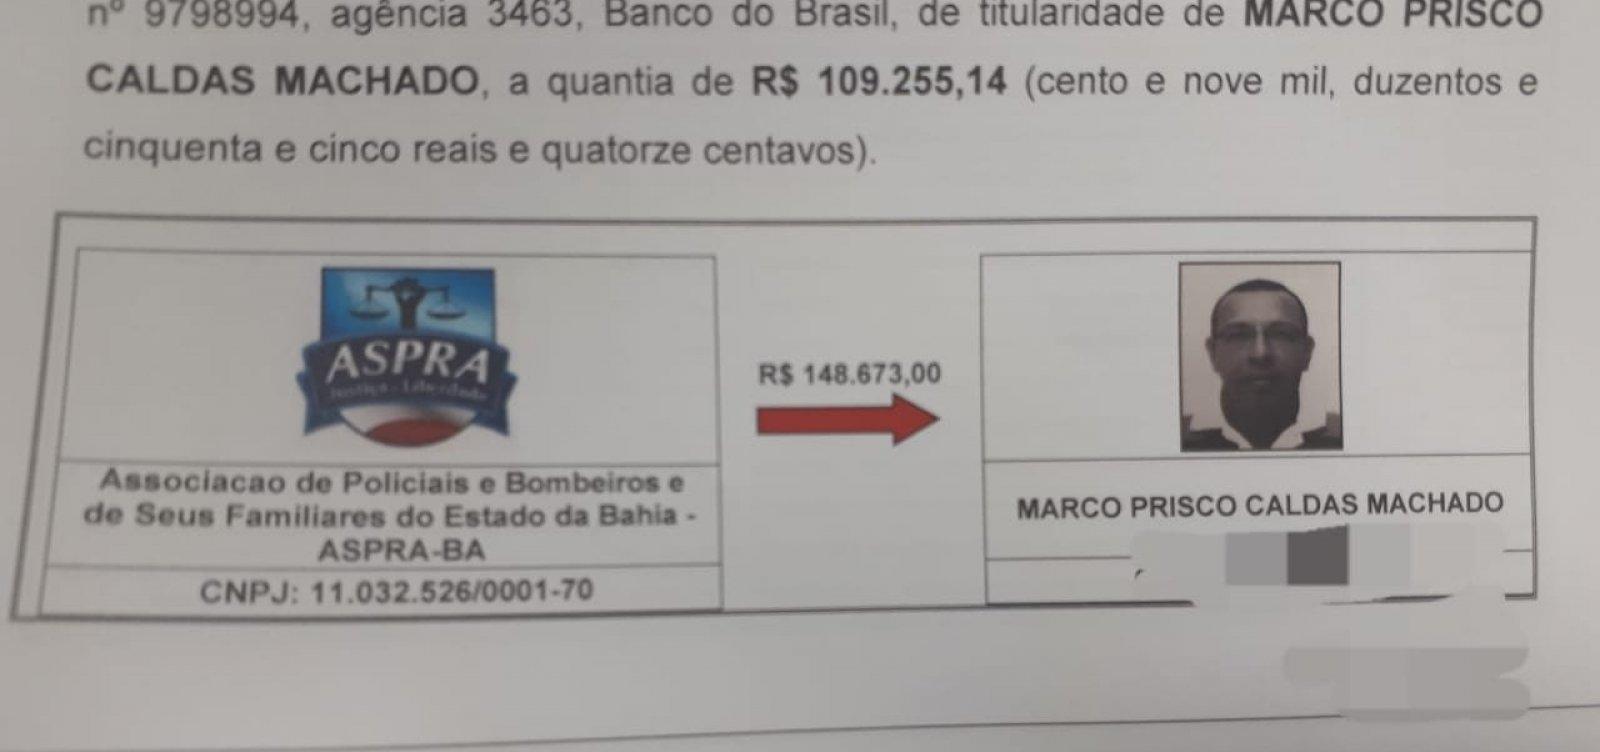 Investigação aponta transferências de R$ 148 mil das contas da Aspra para Prisco